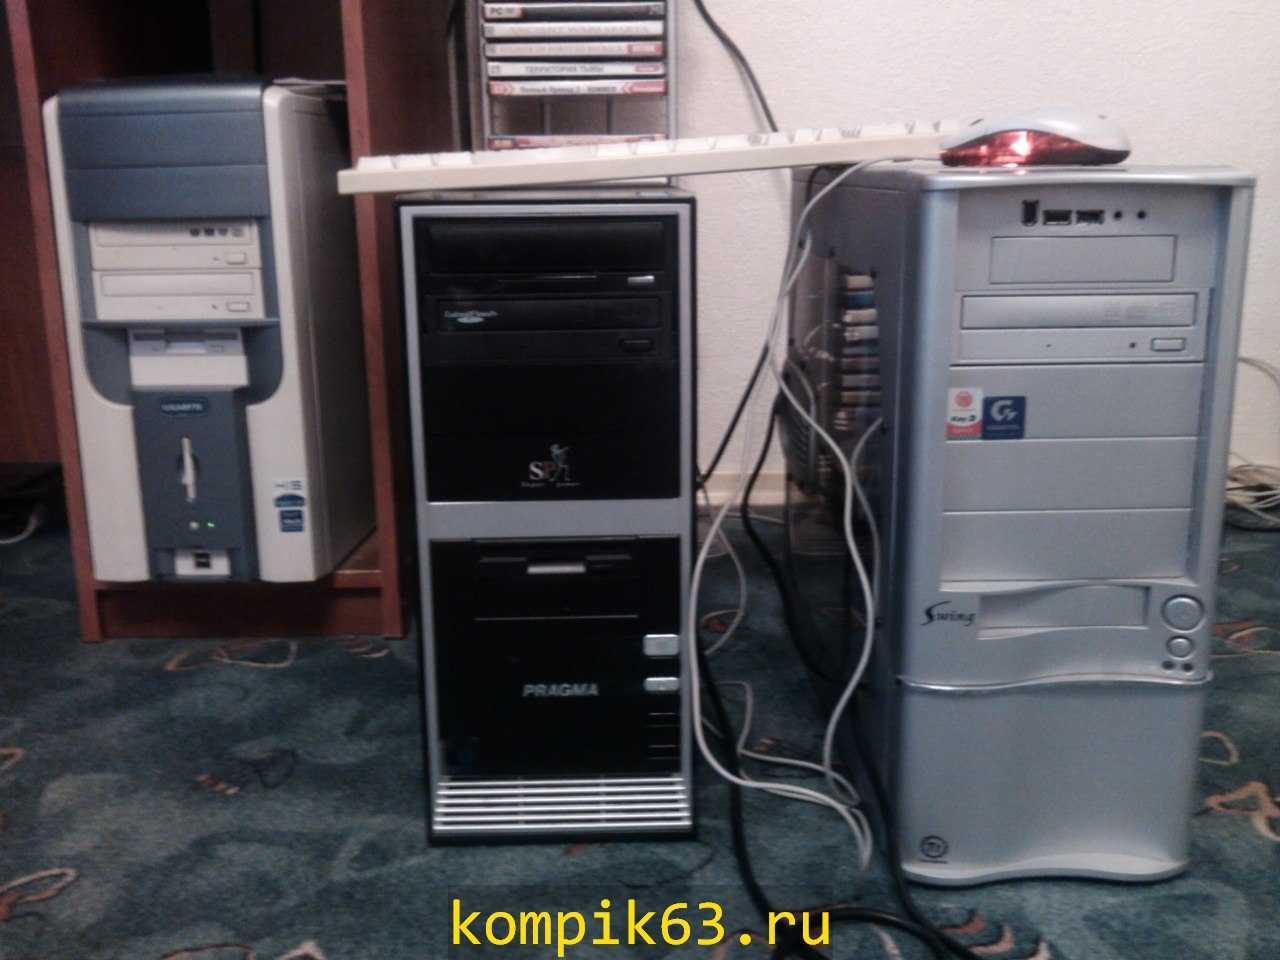 kompik63.ru-158